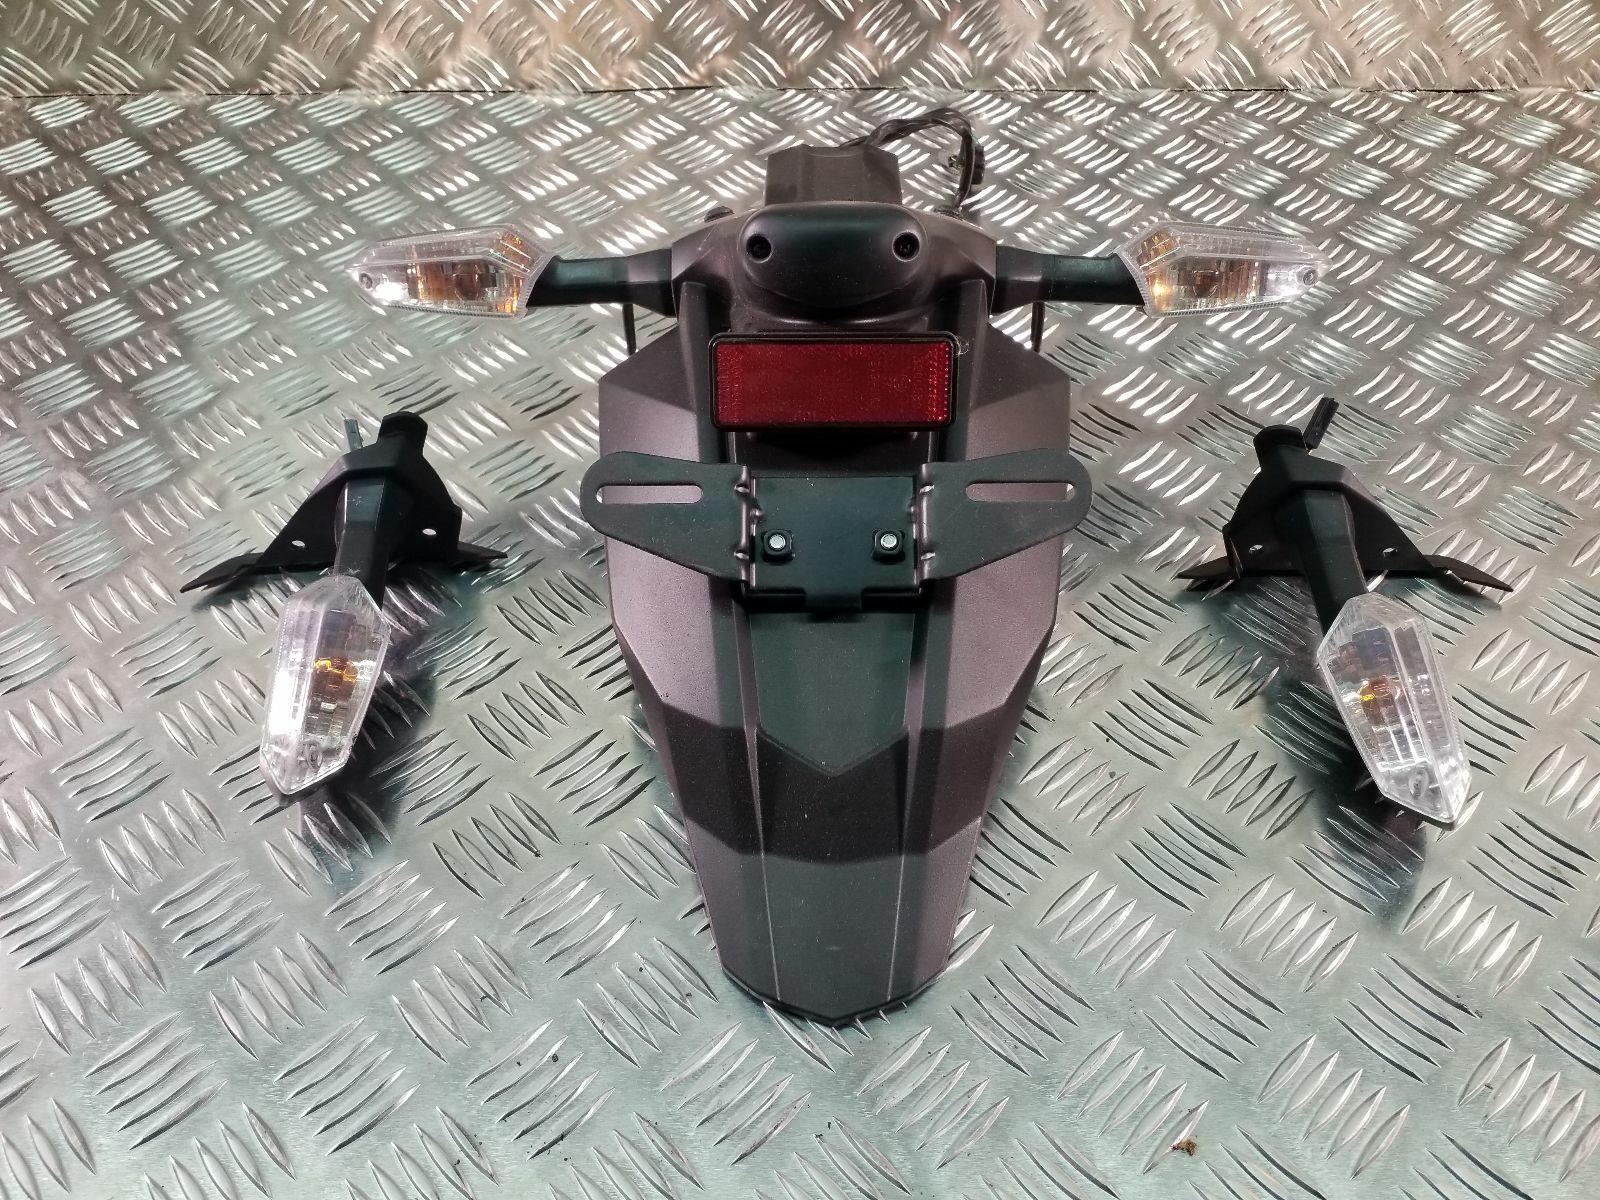 2012 Kawasaki 650 ECF Rear Mudguard